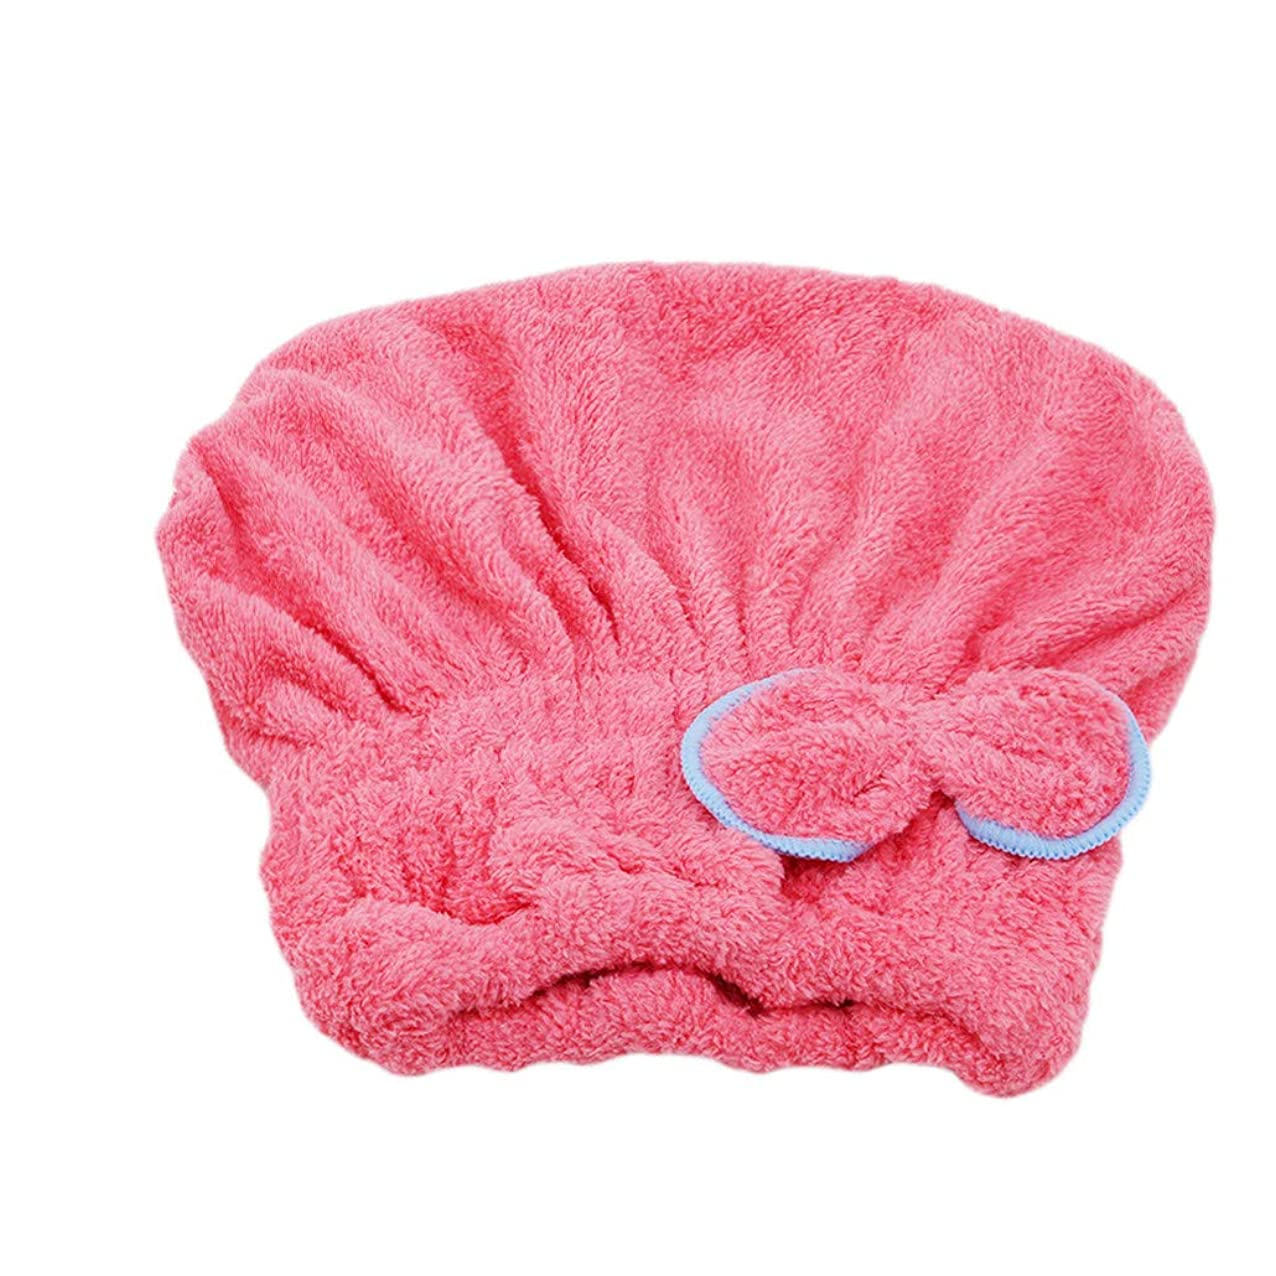 第九発行するショッキングMARUIKAO タオルキャップ 吸水 速乾 髪タオル 軽量 防滑 かわいい ヘアドライタオル シャワーキャップ コーラルフリース スイカレッド